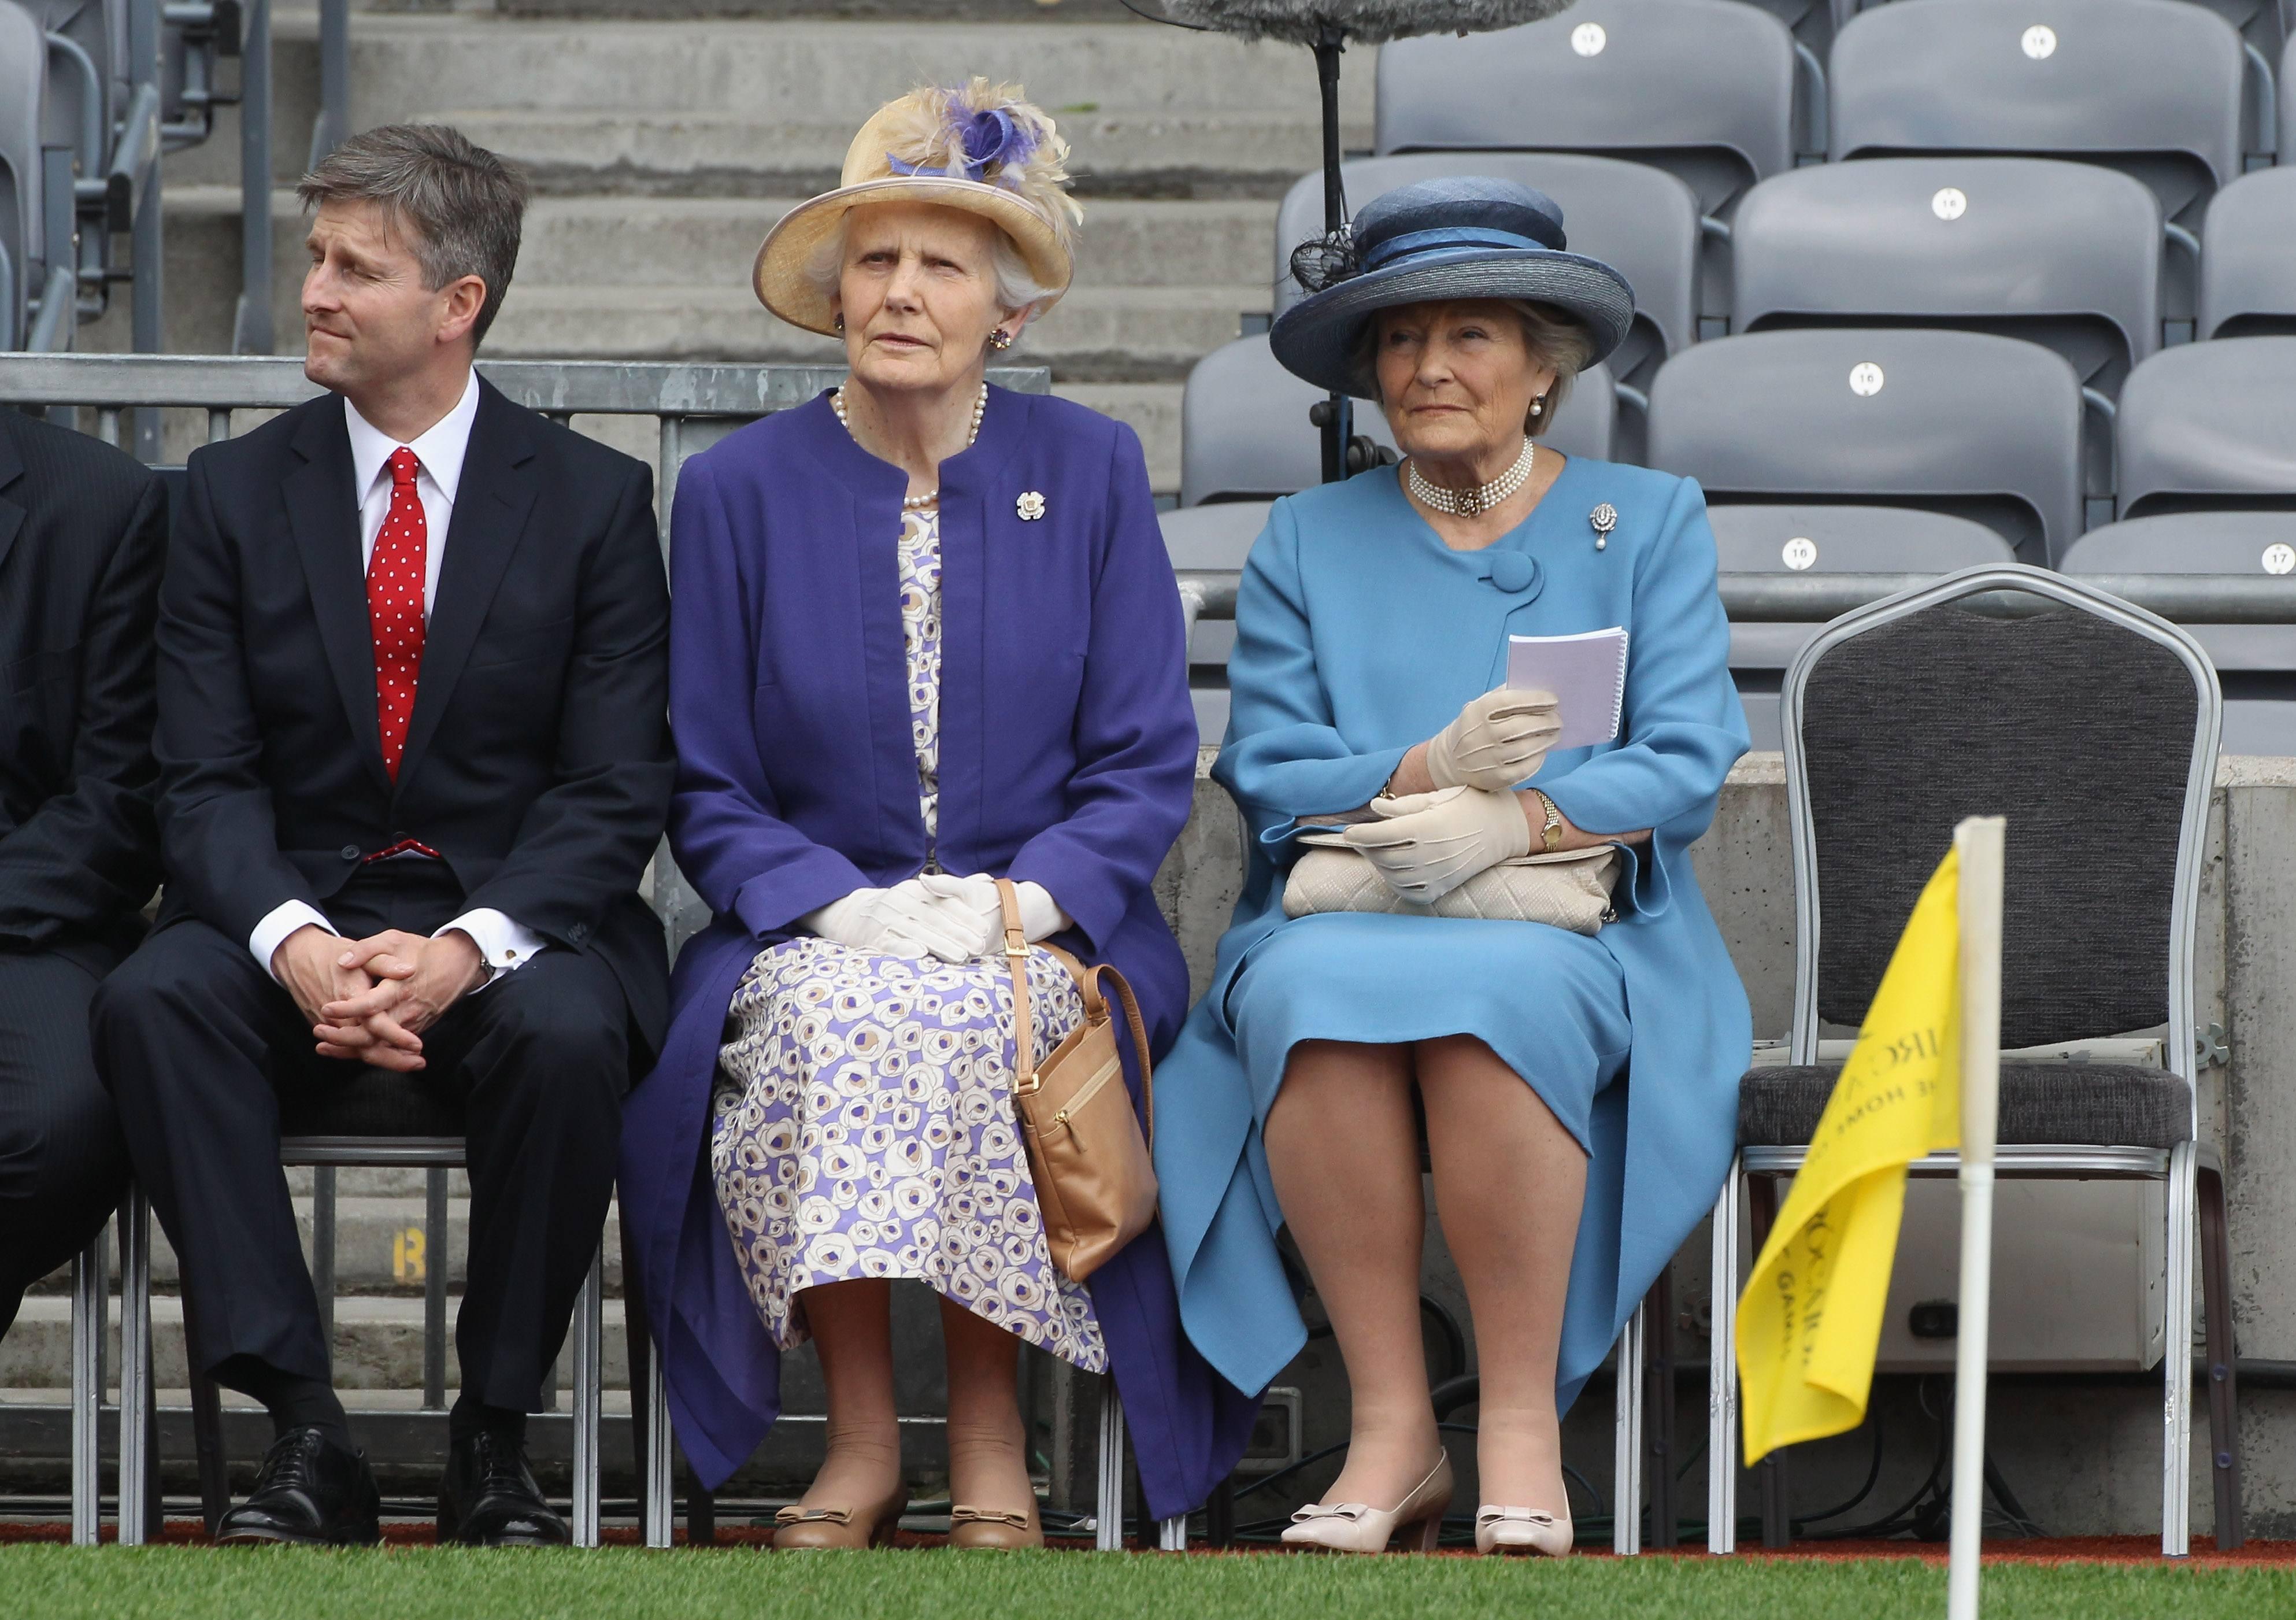 The Queen's Ladies in waiting sit at Croke Park